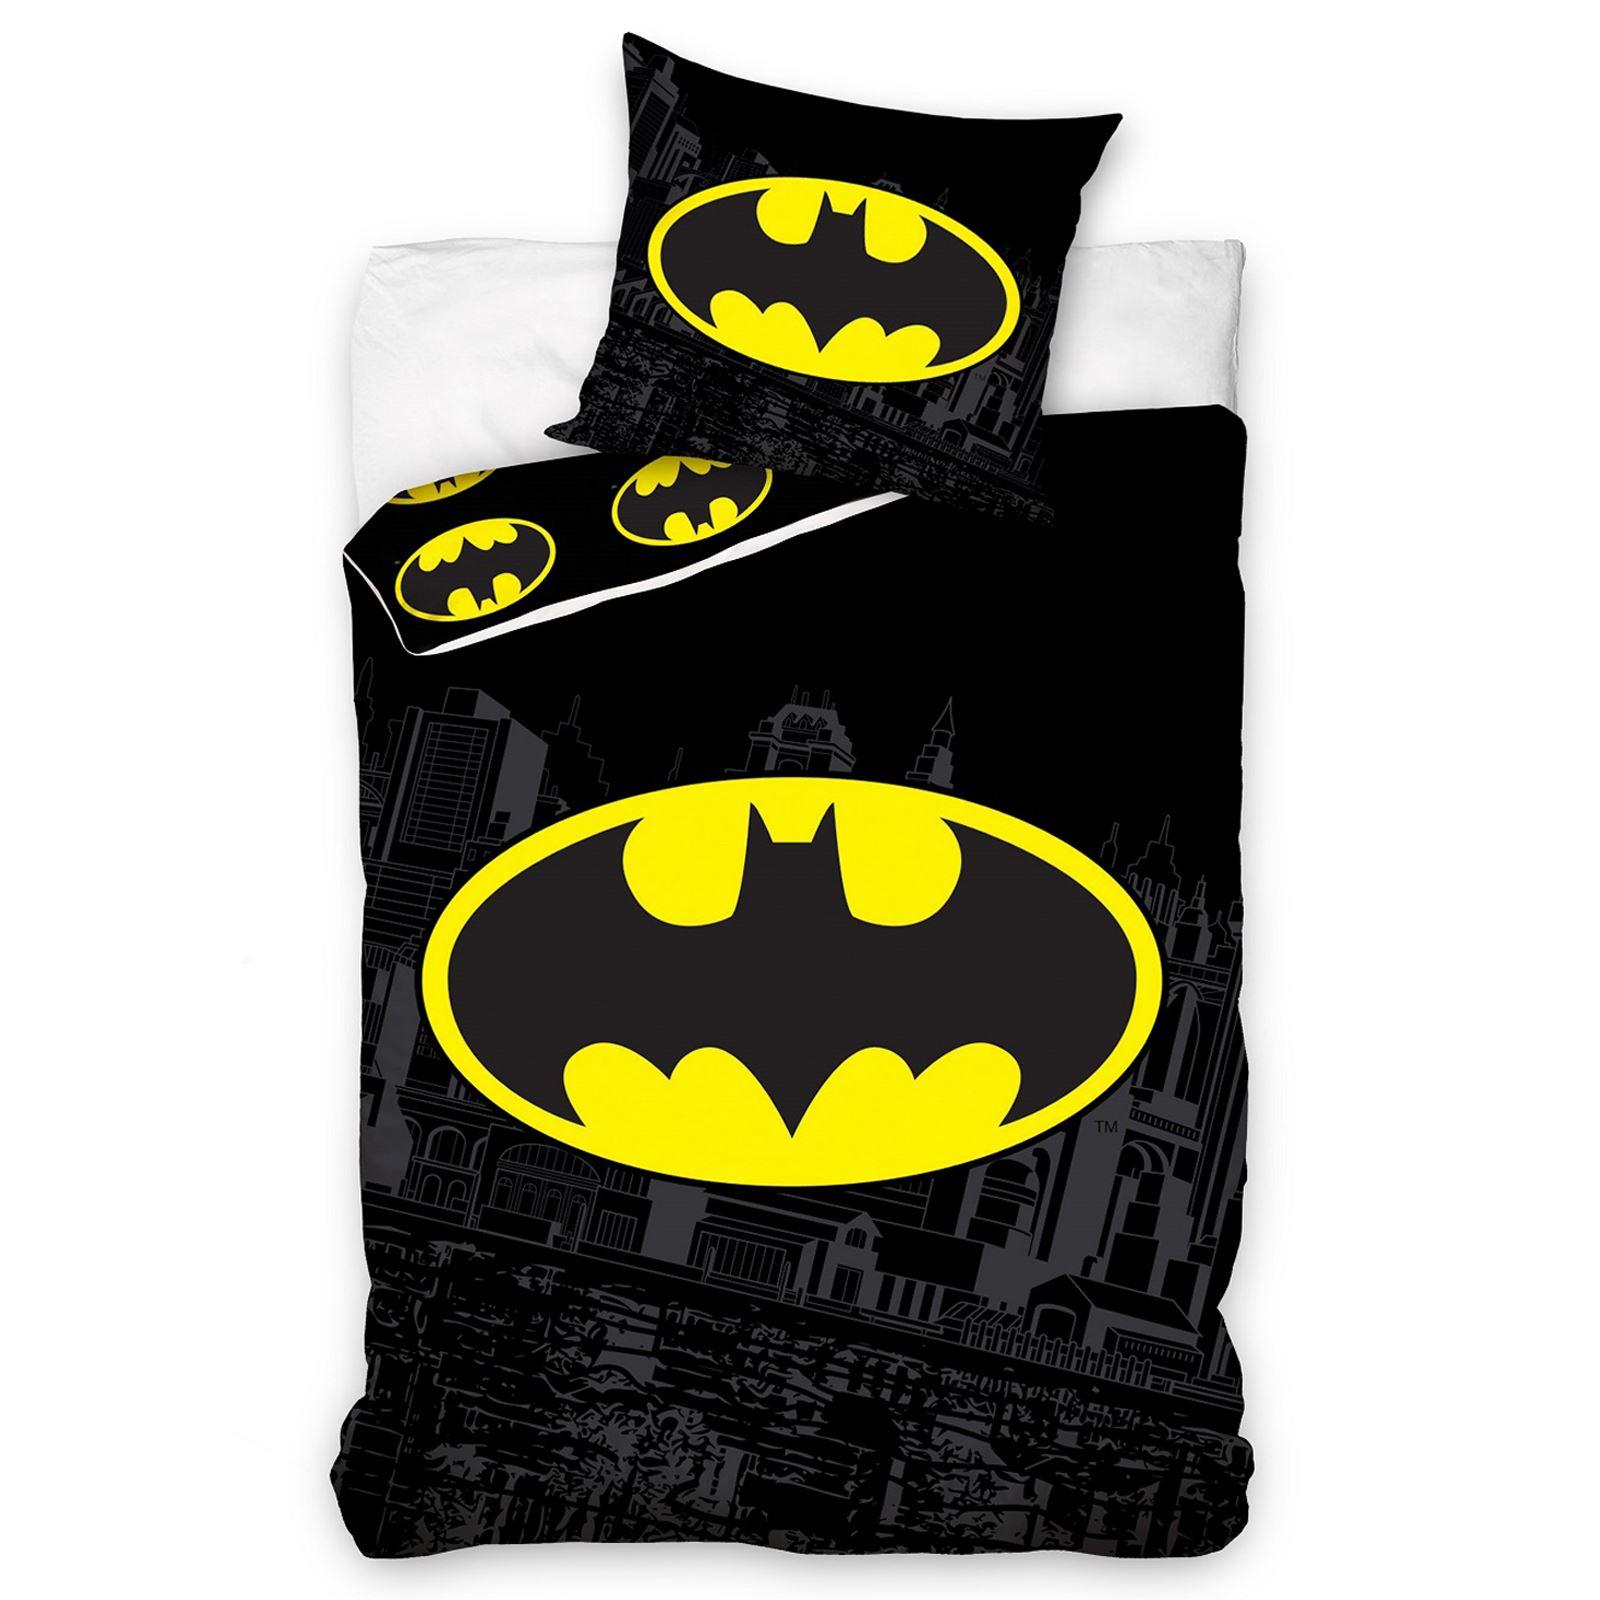 DC ICS BATMAN & SUPERMAN DUVET COVER AND PILLOWCASE SETS BEDROOM BEDDI